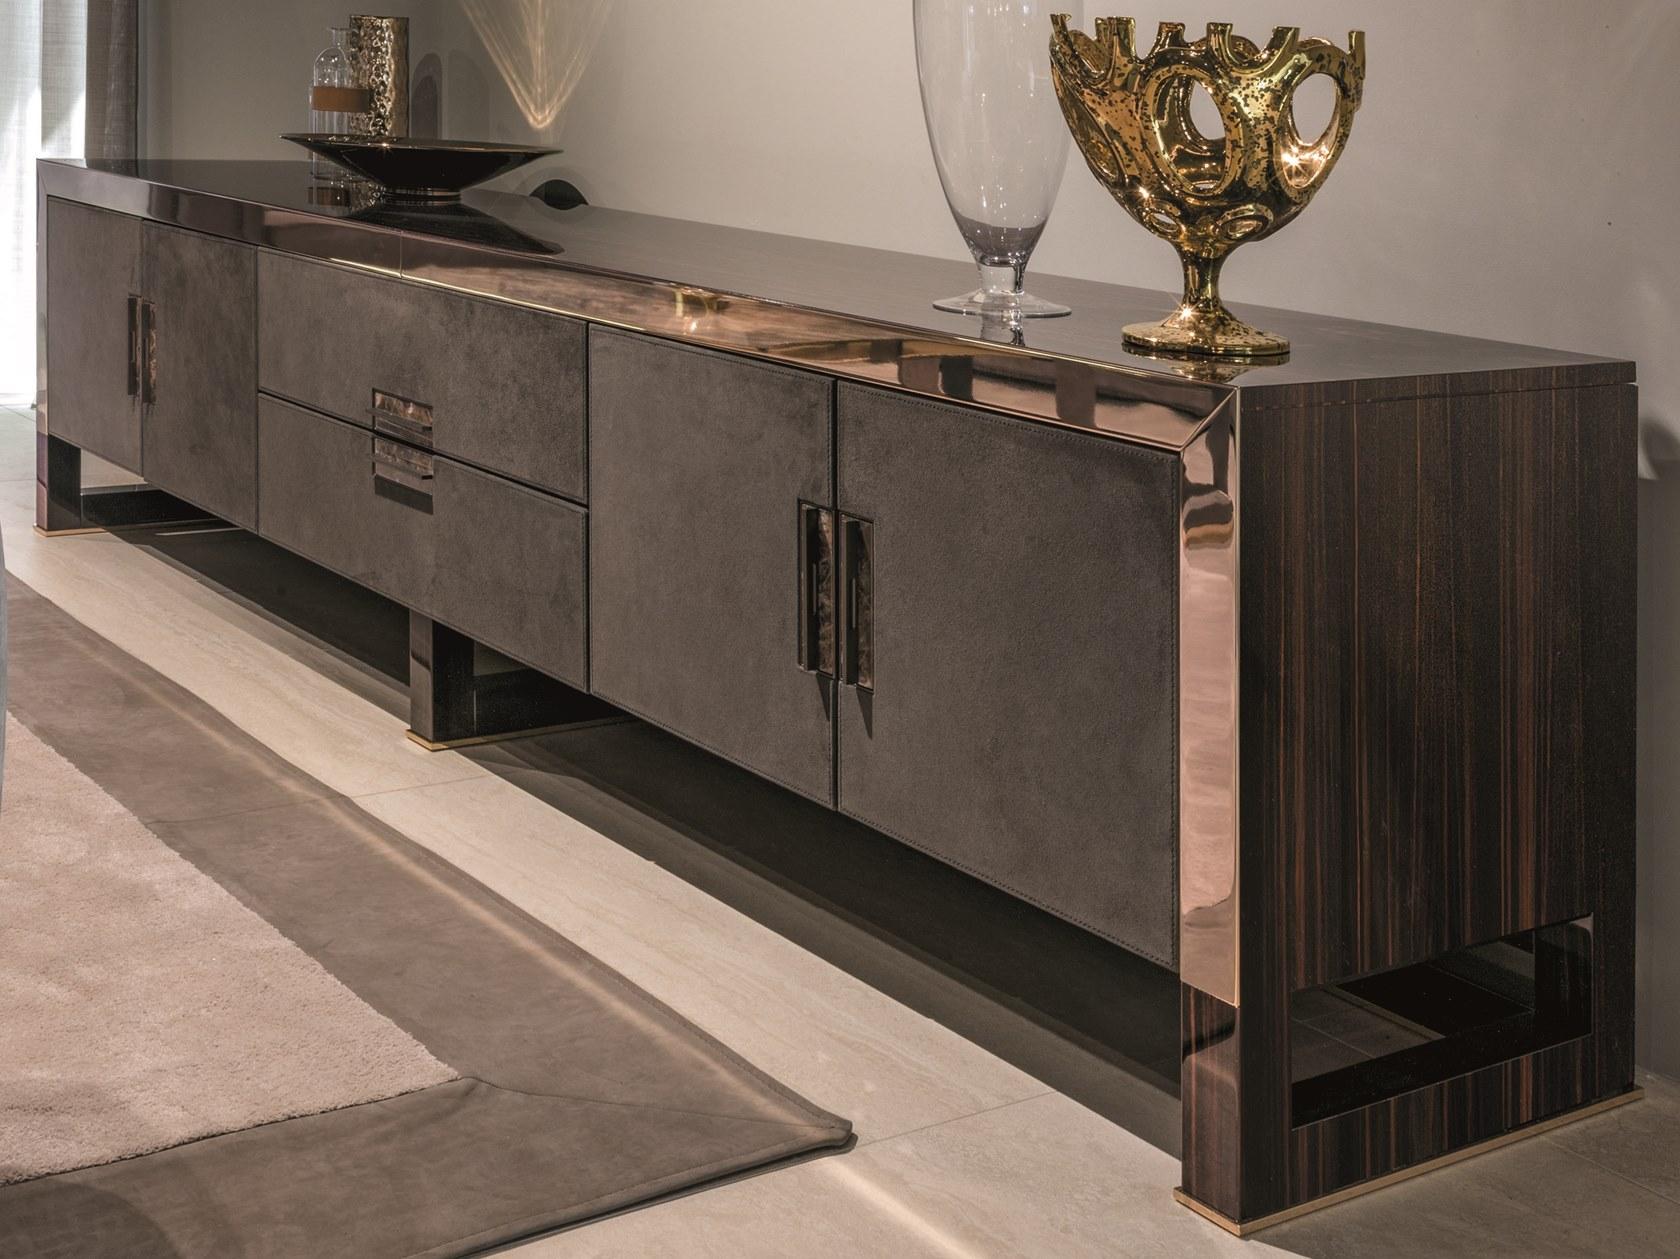 意大利Longhi 2019年新品 不锈钢电镀实木硬包软包柜  ARMAD电视柜 置物柜 抽屉储物柜轻奢家具定制